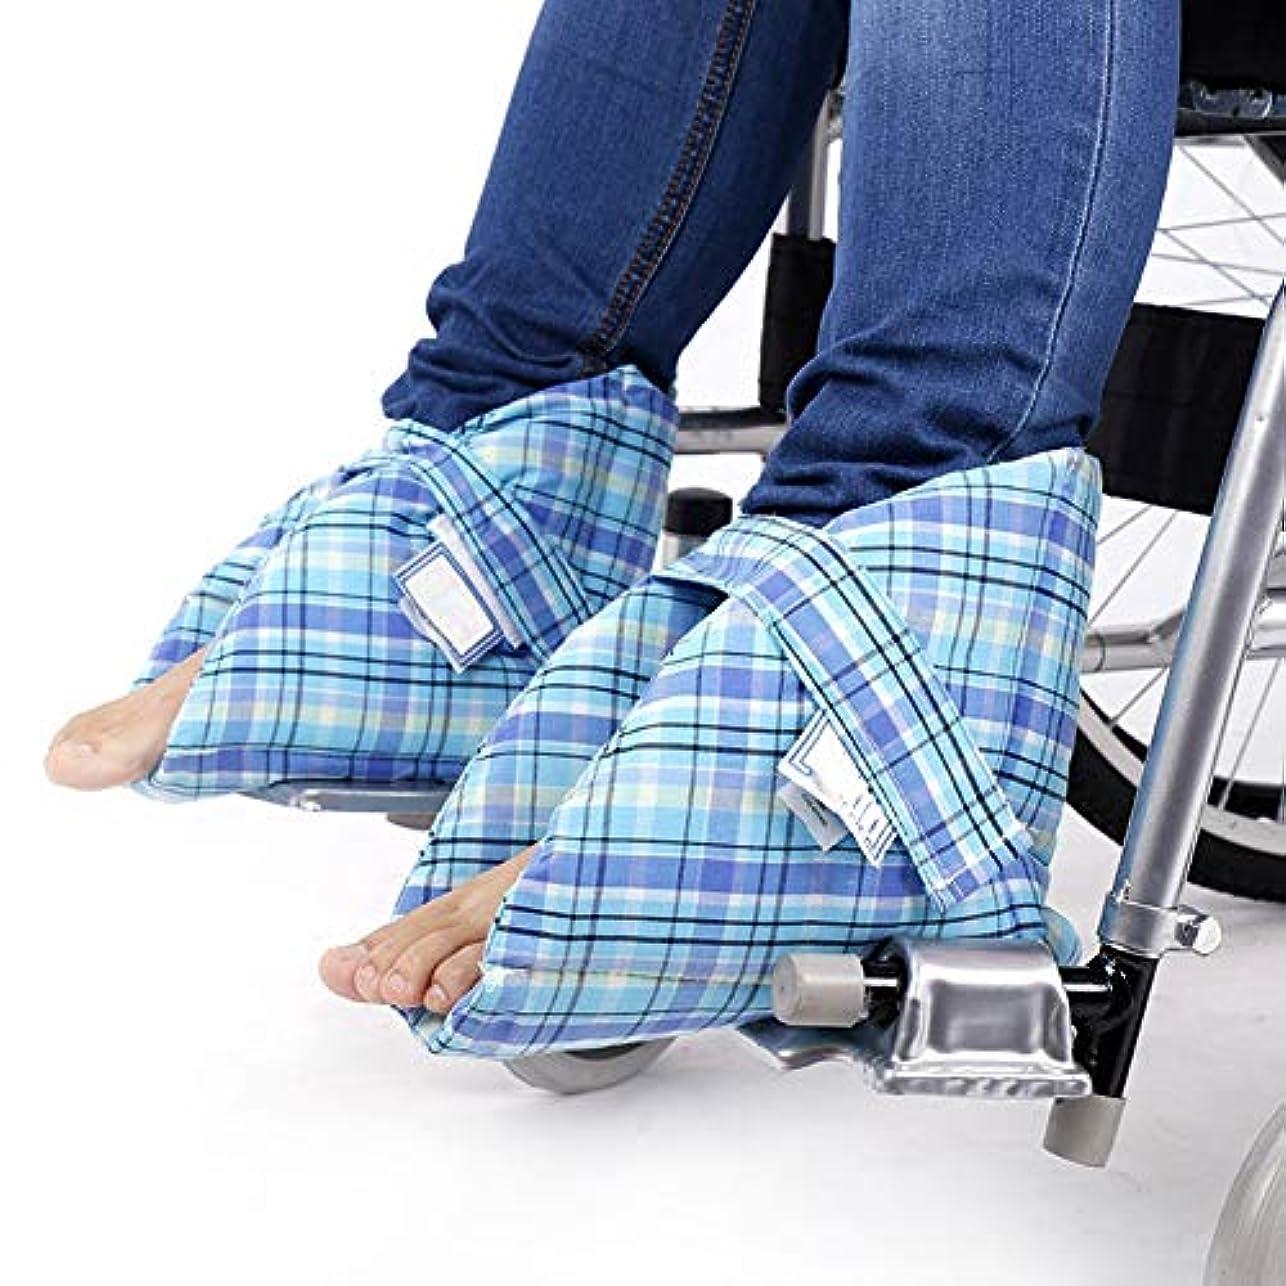 フットサポートピロー、かかとプロテクター、ベッドの痛みや潰瘍の治療用、足の圧迫を和らげる、1ペア